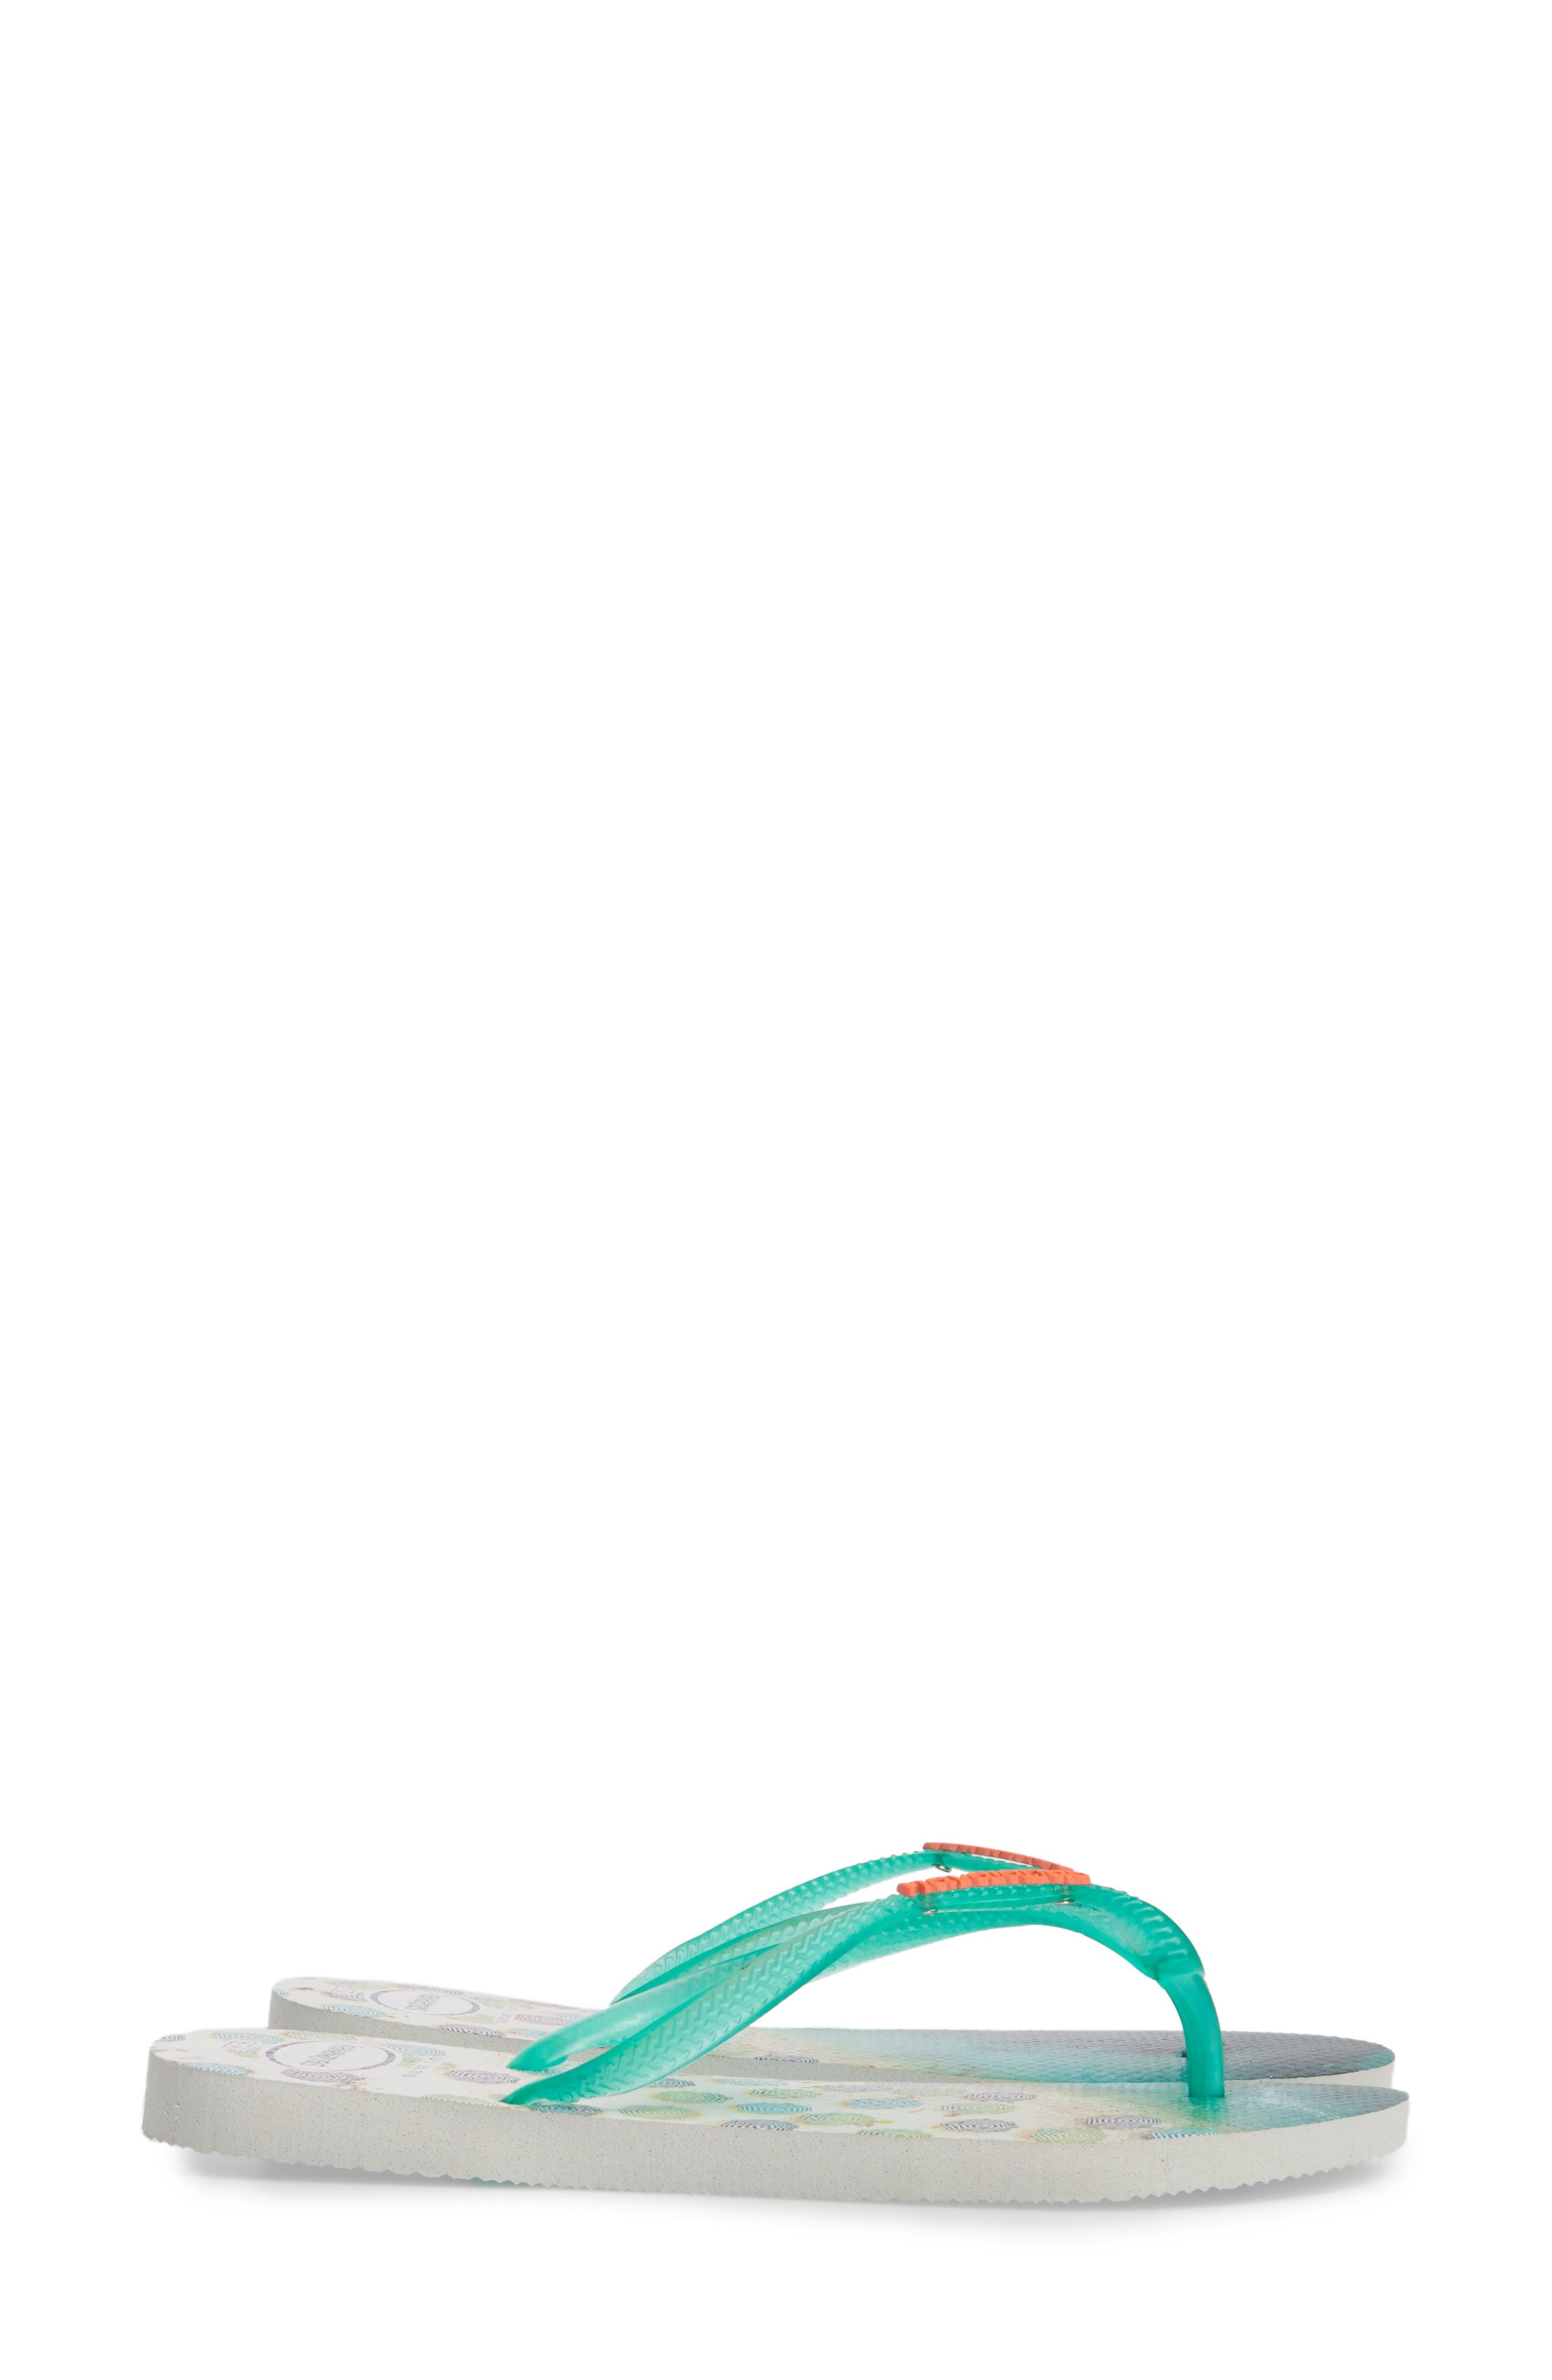 'Slim Paisage' Flip Flop,                             Alternate thumbnail 4, color,                             White/ Mint Green